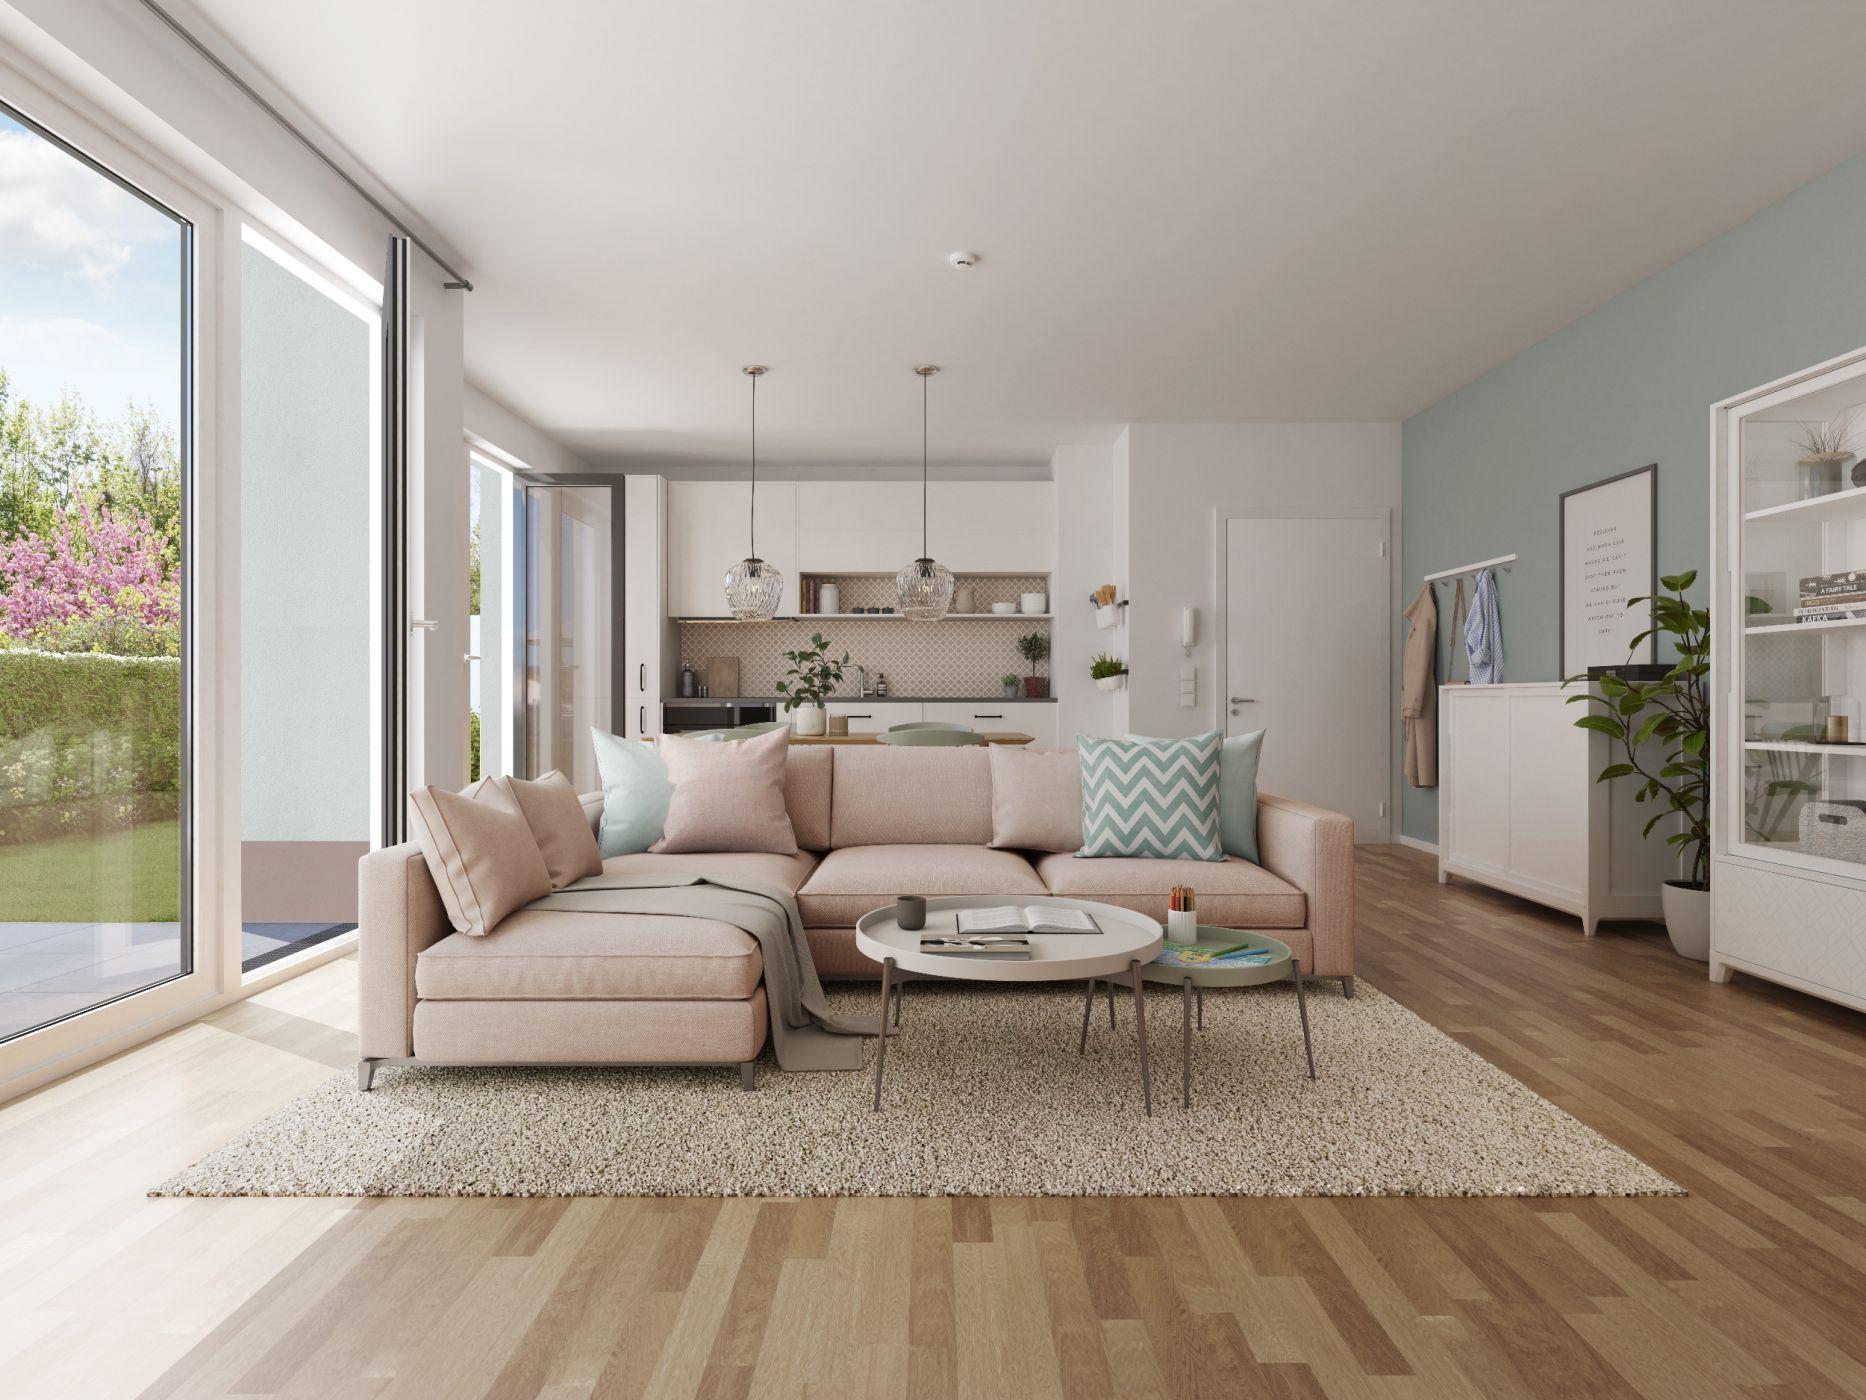 Wohntraum, Wohnzimmer, Wohn Esszimmer, Offene Küche, Wohntrend 2018,  Wohnzimmer Pastell